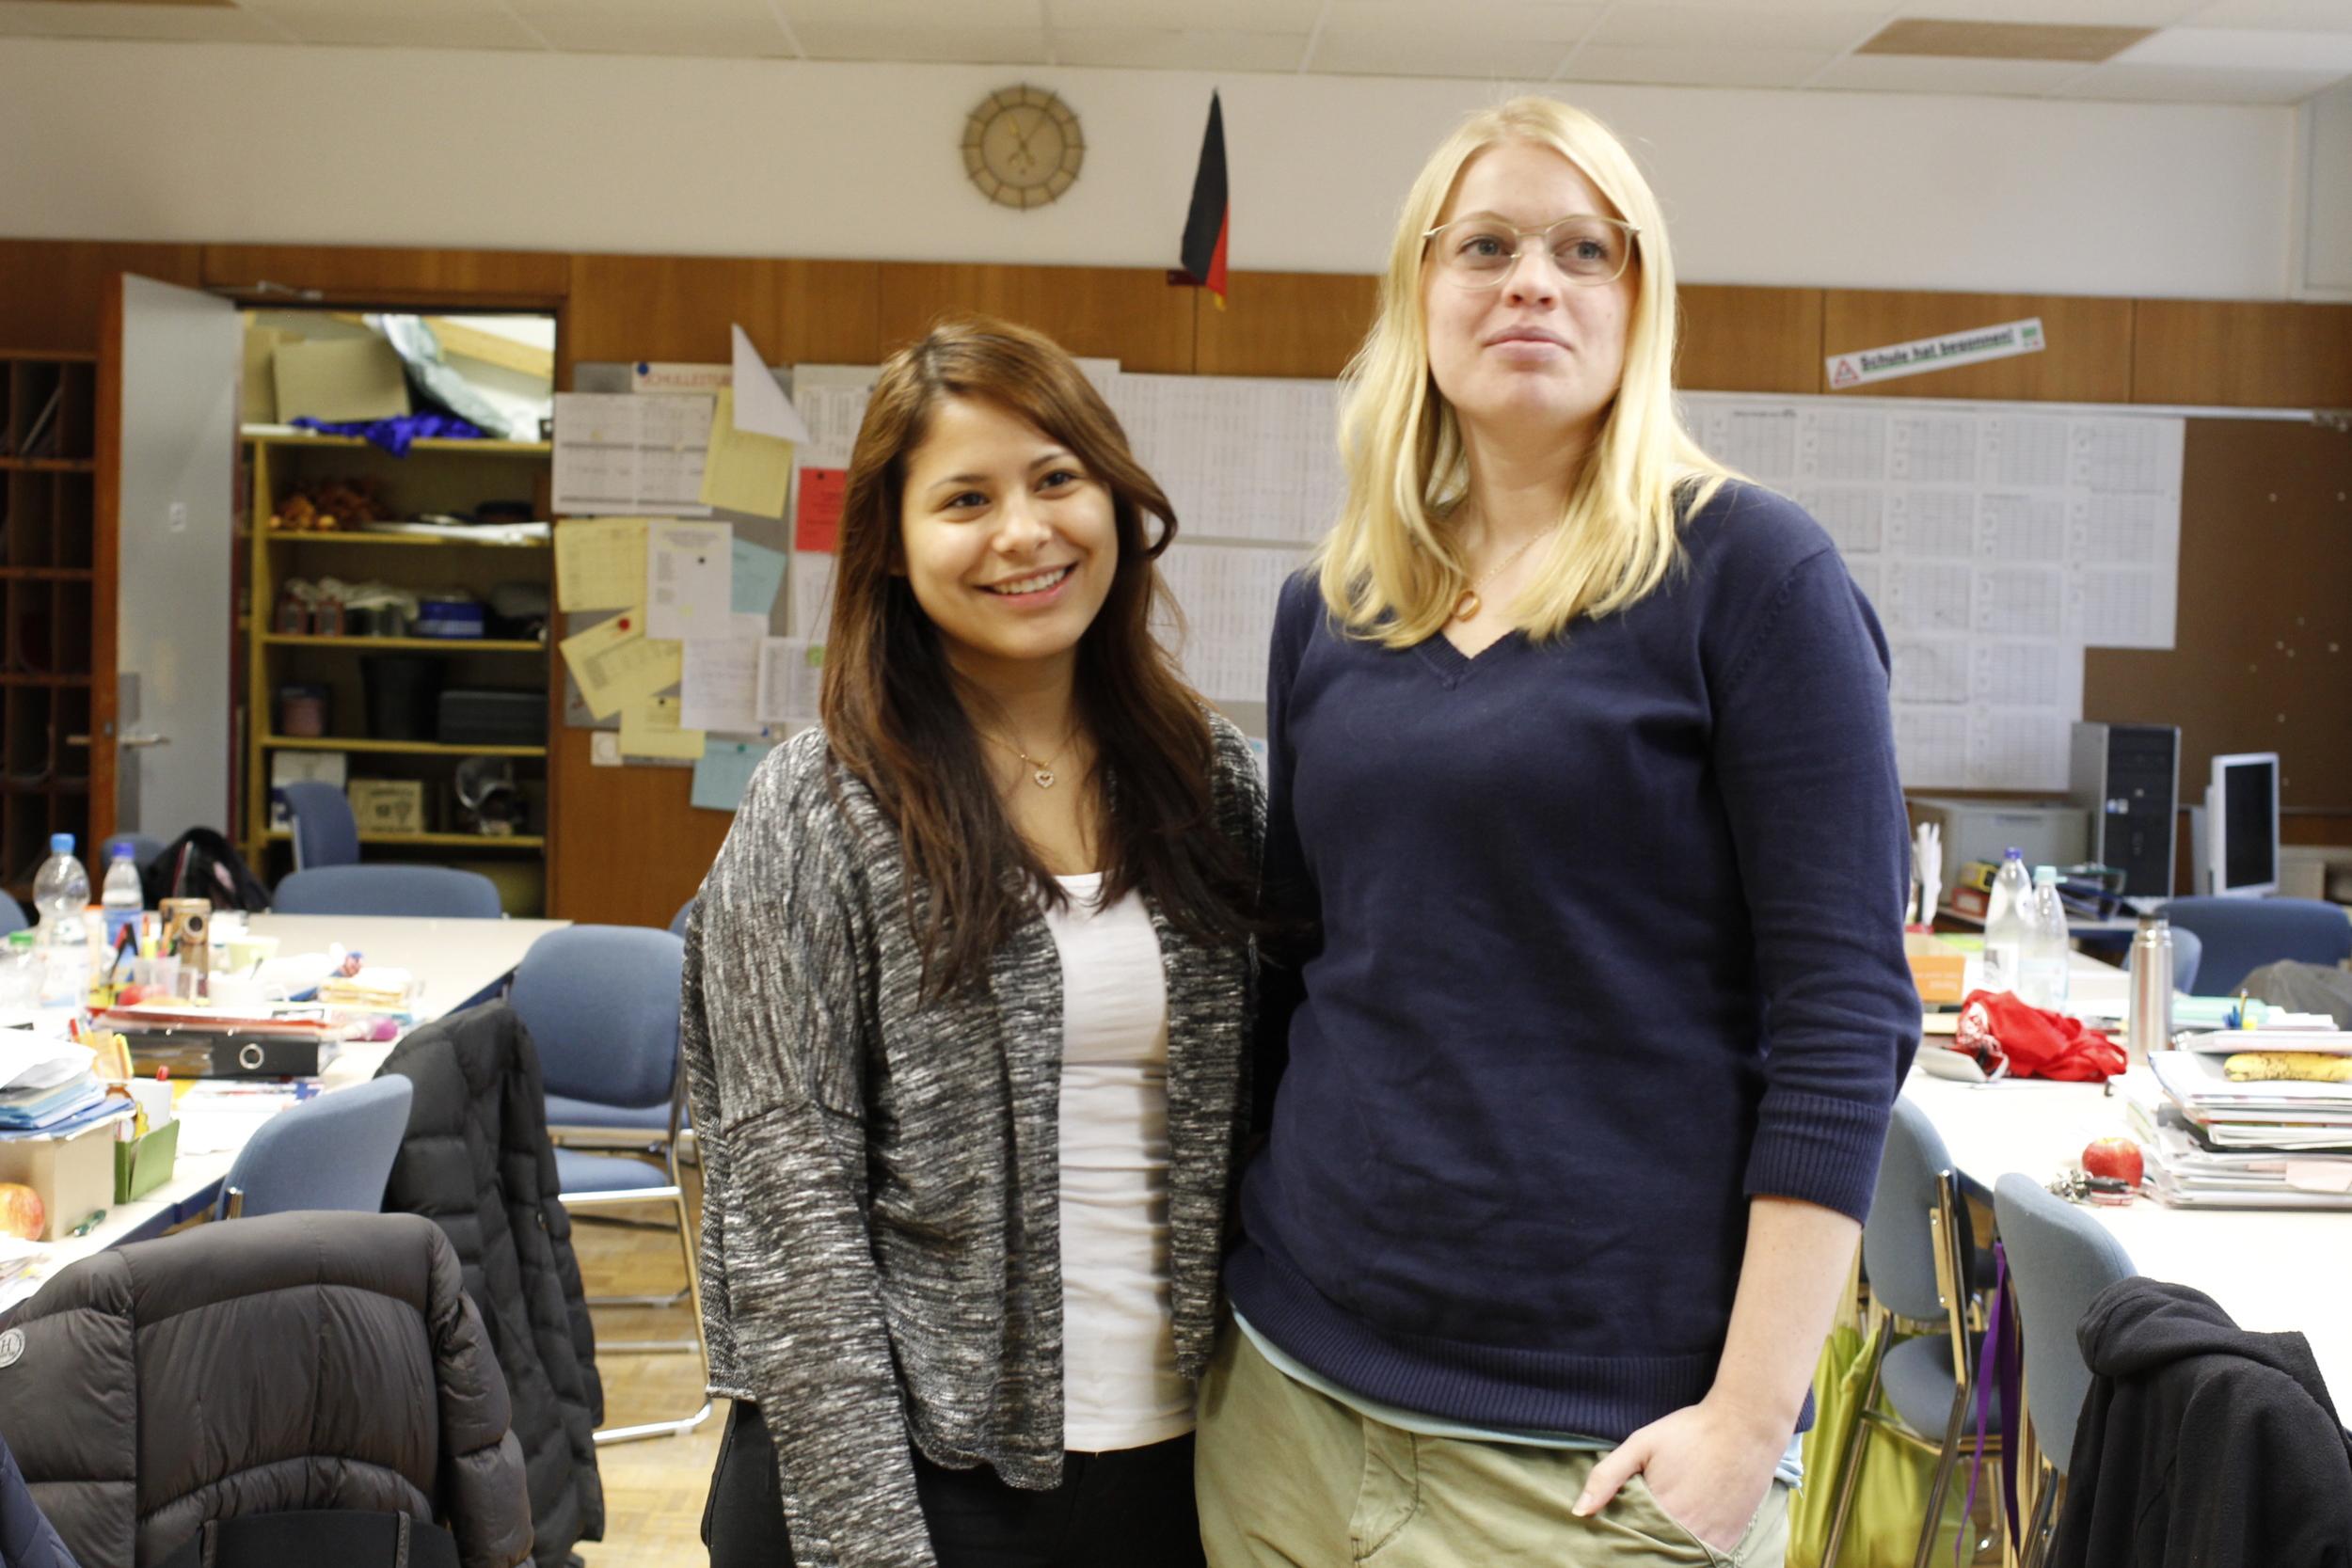 Filippa (Tyska i Tyskland med praktik) och Daniela (elev från Kungstensgymnasiet) sprider svensk stämning på Werner-von-SiemensRealschule.